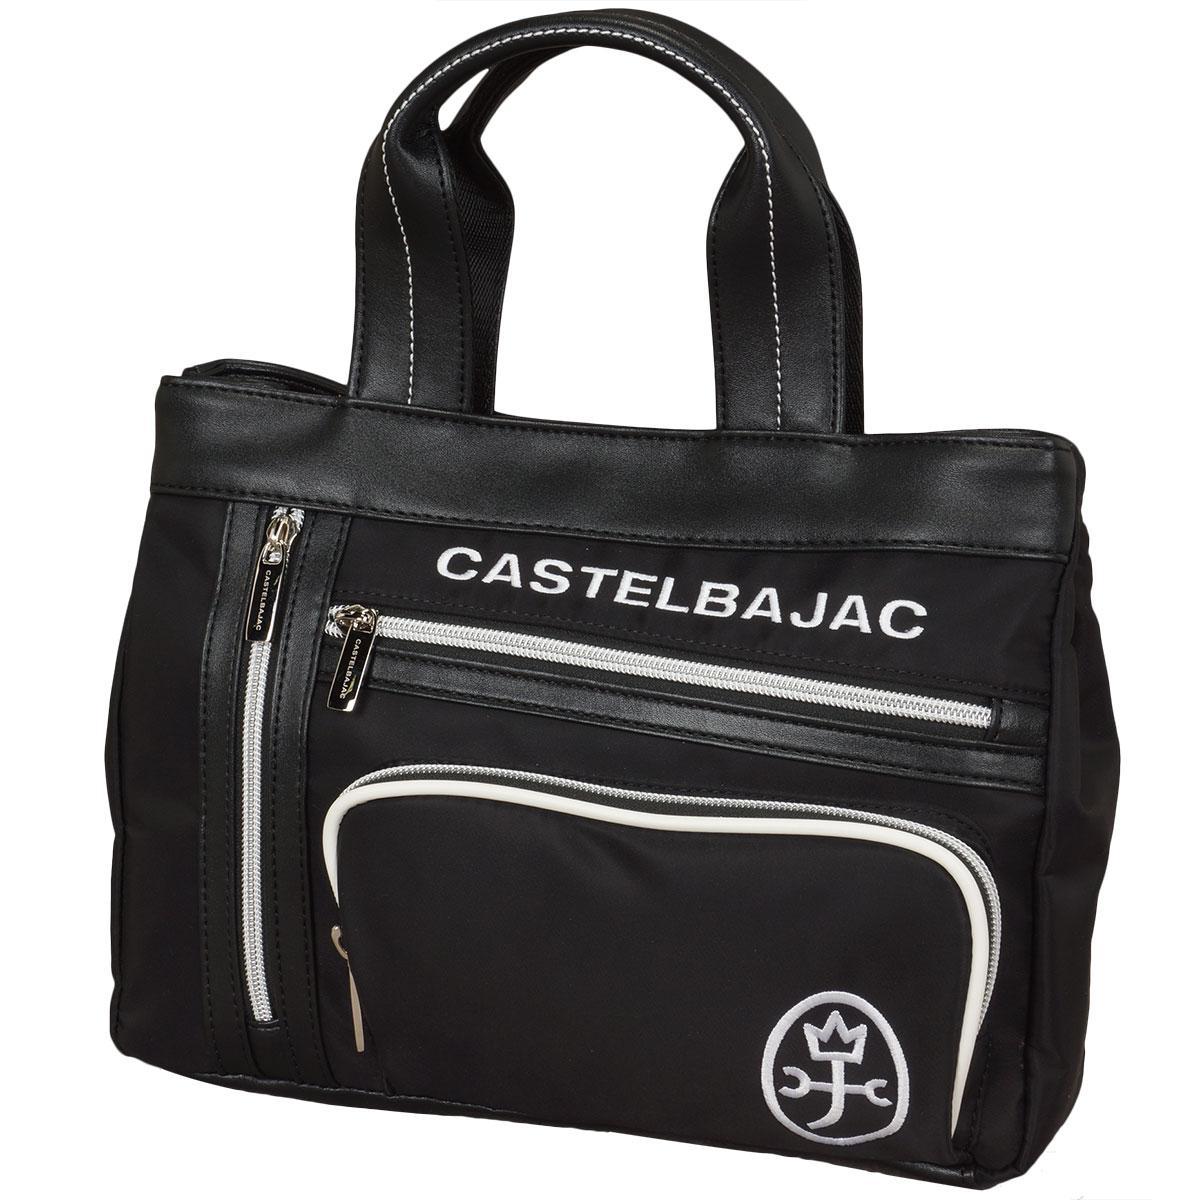 【4/14(日)までお得なクーポン配布中♪】カステルバジャック CASTELBAJAC カートバッグ